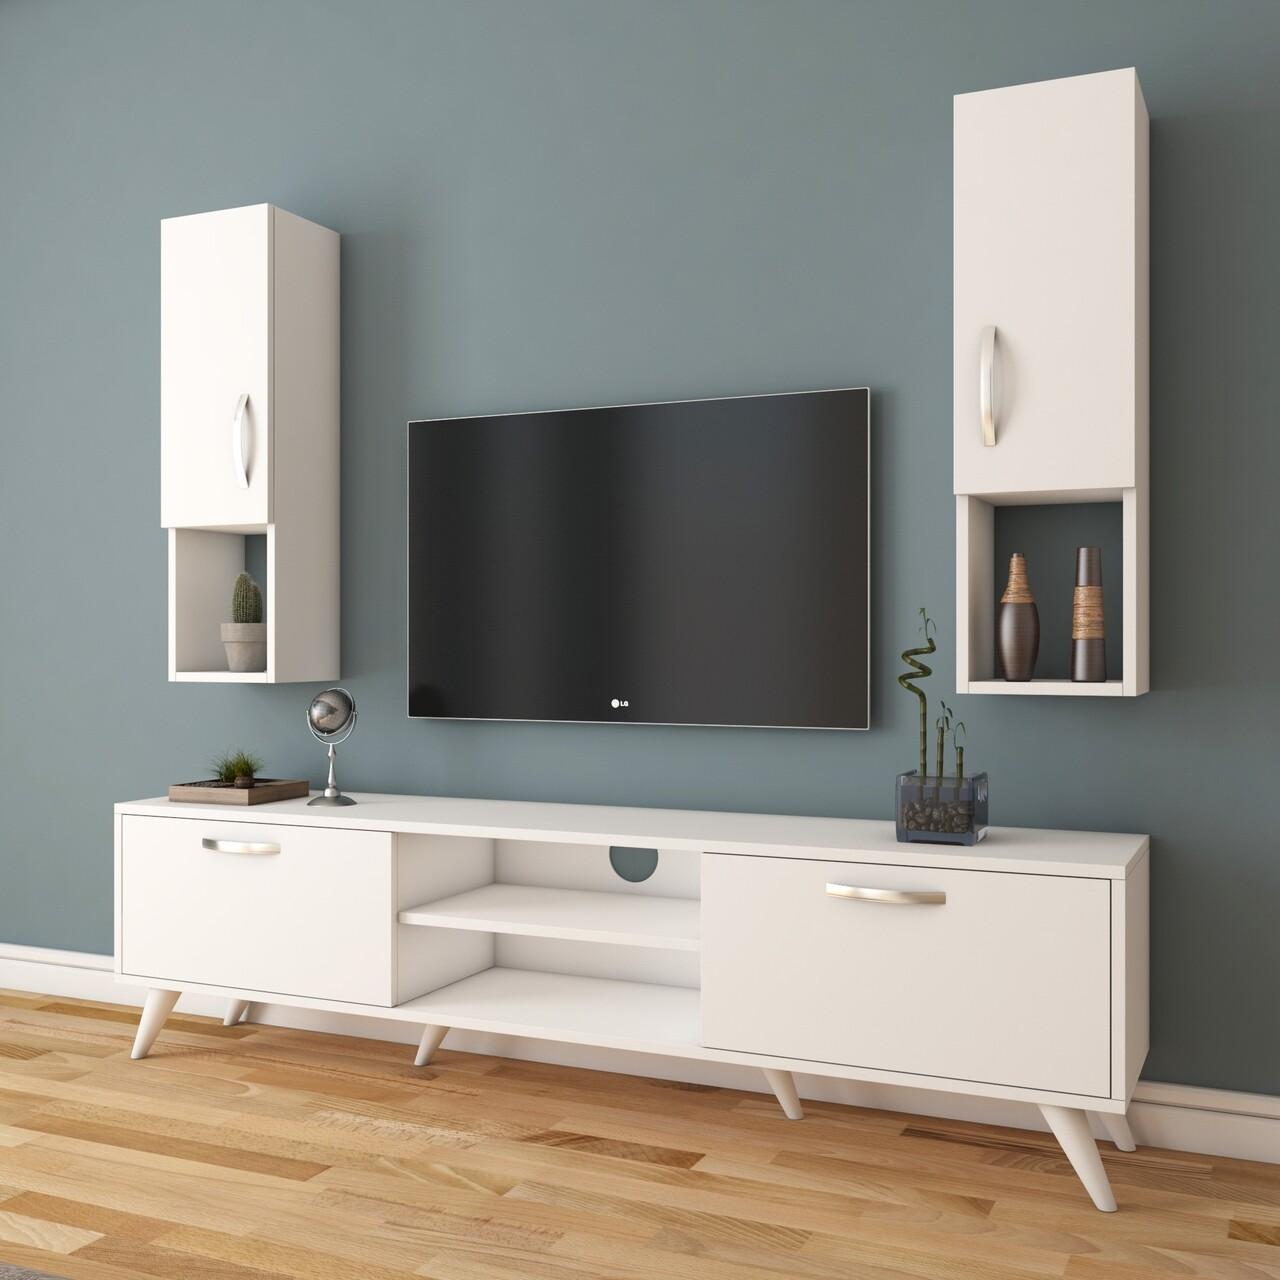 Comoda TV cu 2 cabinete M28 - 285, Wren, 180 x 35 x 48.6 cm/90 cm, white